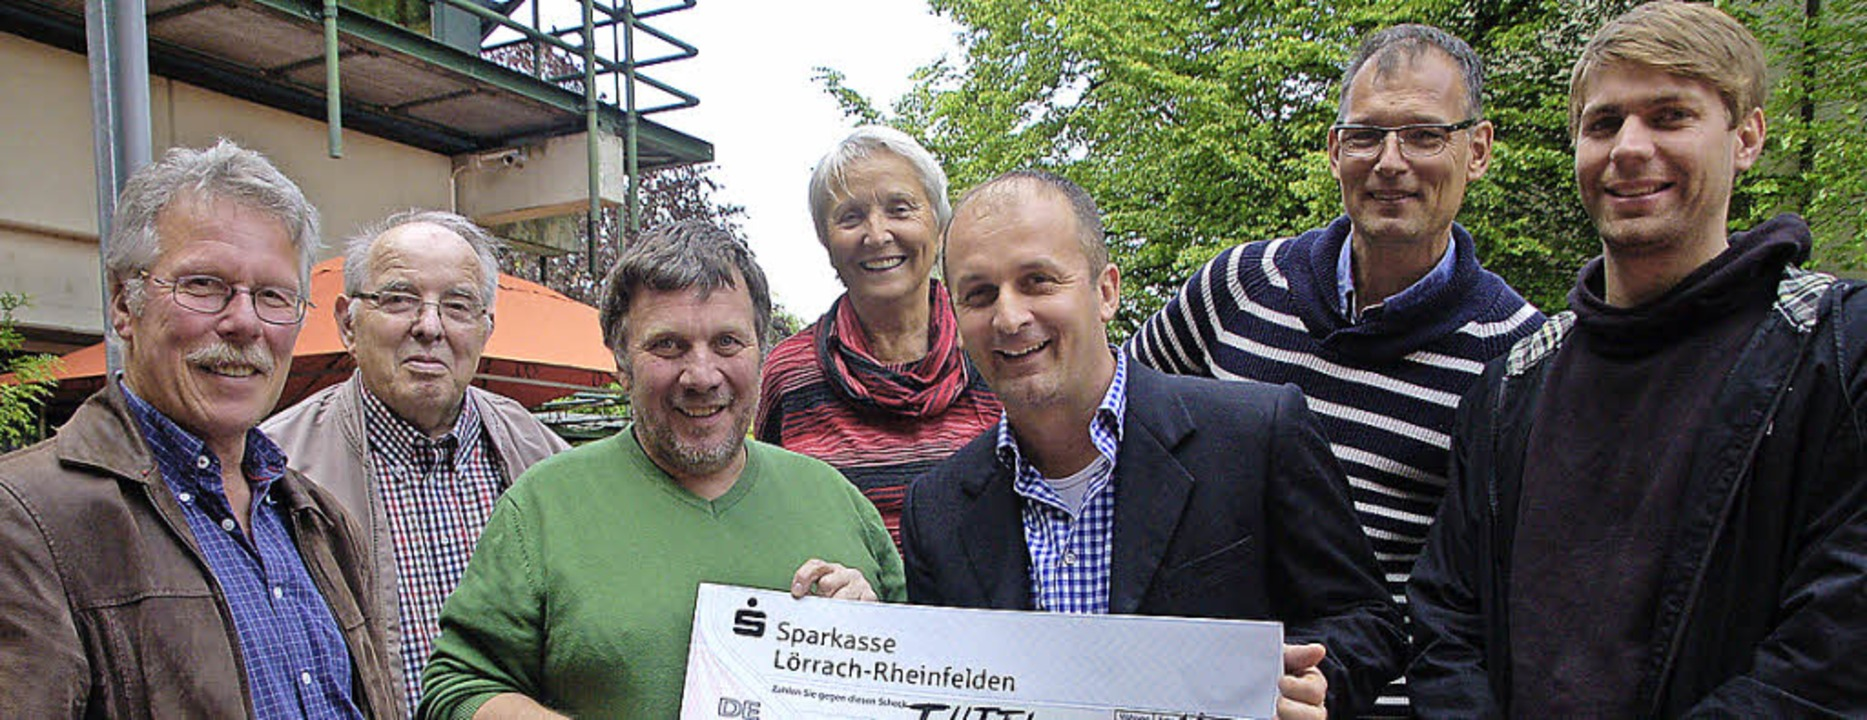 Zum Abschied erhält die Kaltenbachstif...00 Euro vom Förderverein Tutti-Kiesi.   | Foto: Petra Wunderle